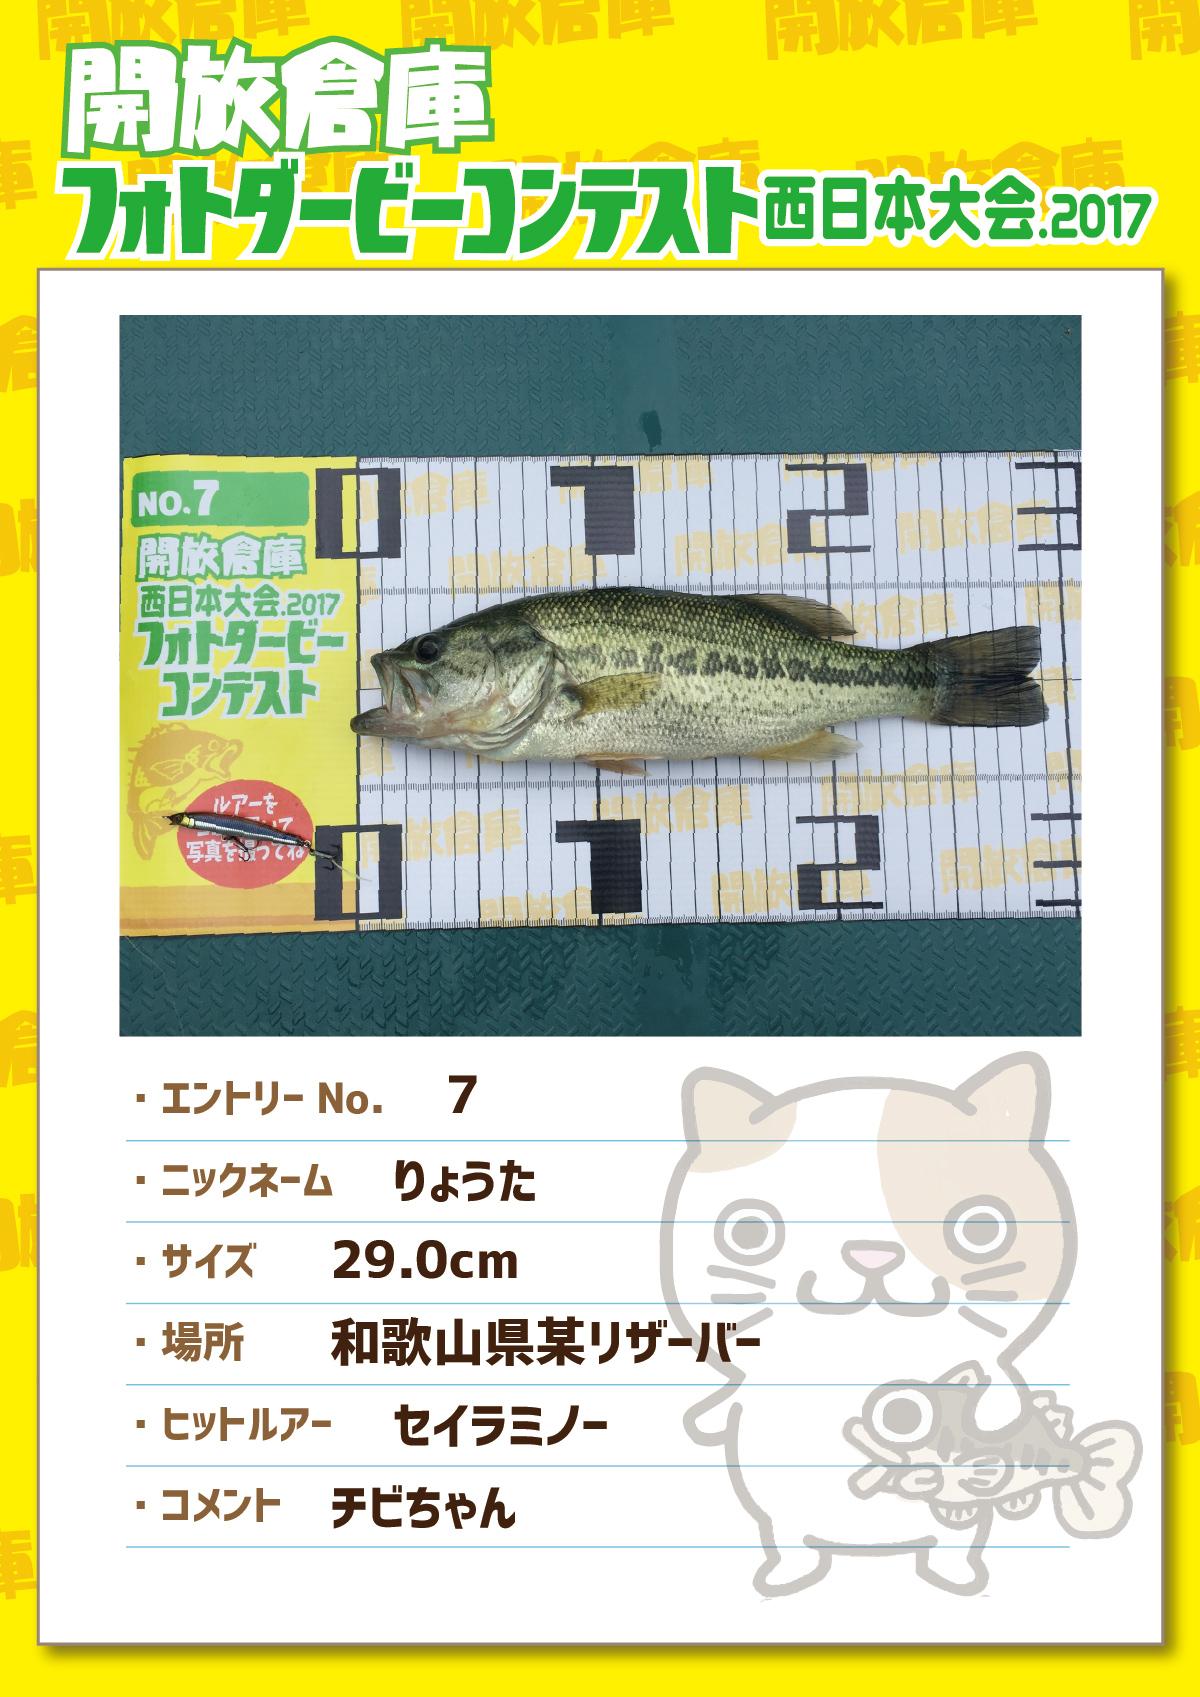 No.7 りょうた 29.0cm 和歌山県リザーバー セイラミノー チビちゃん